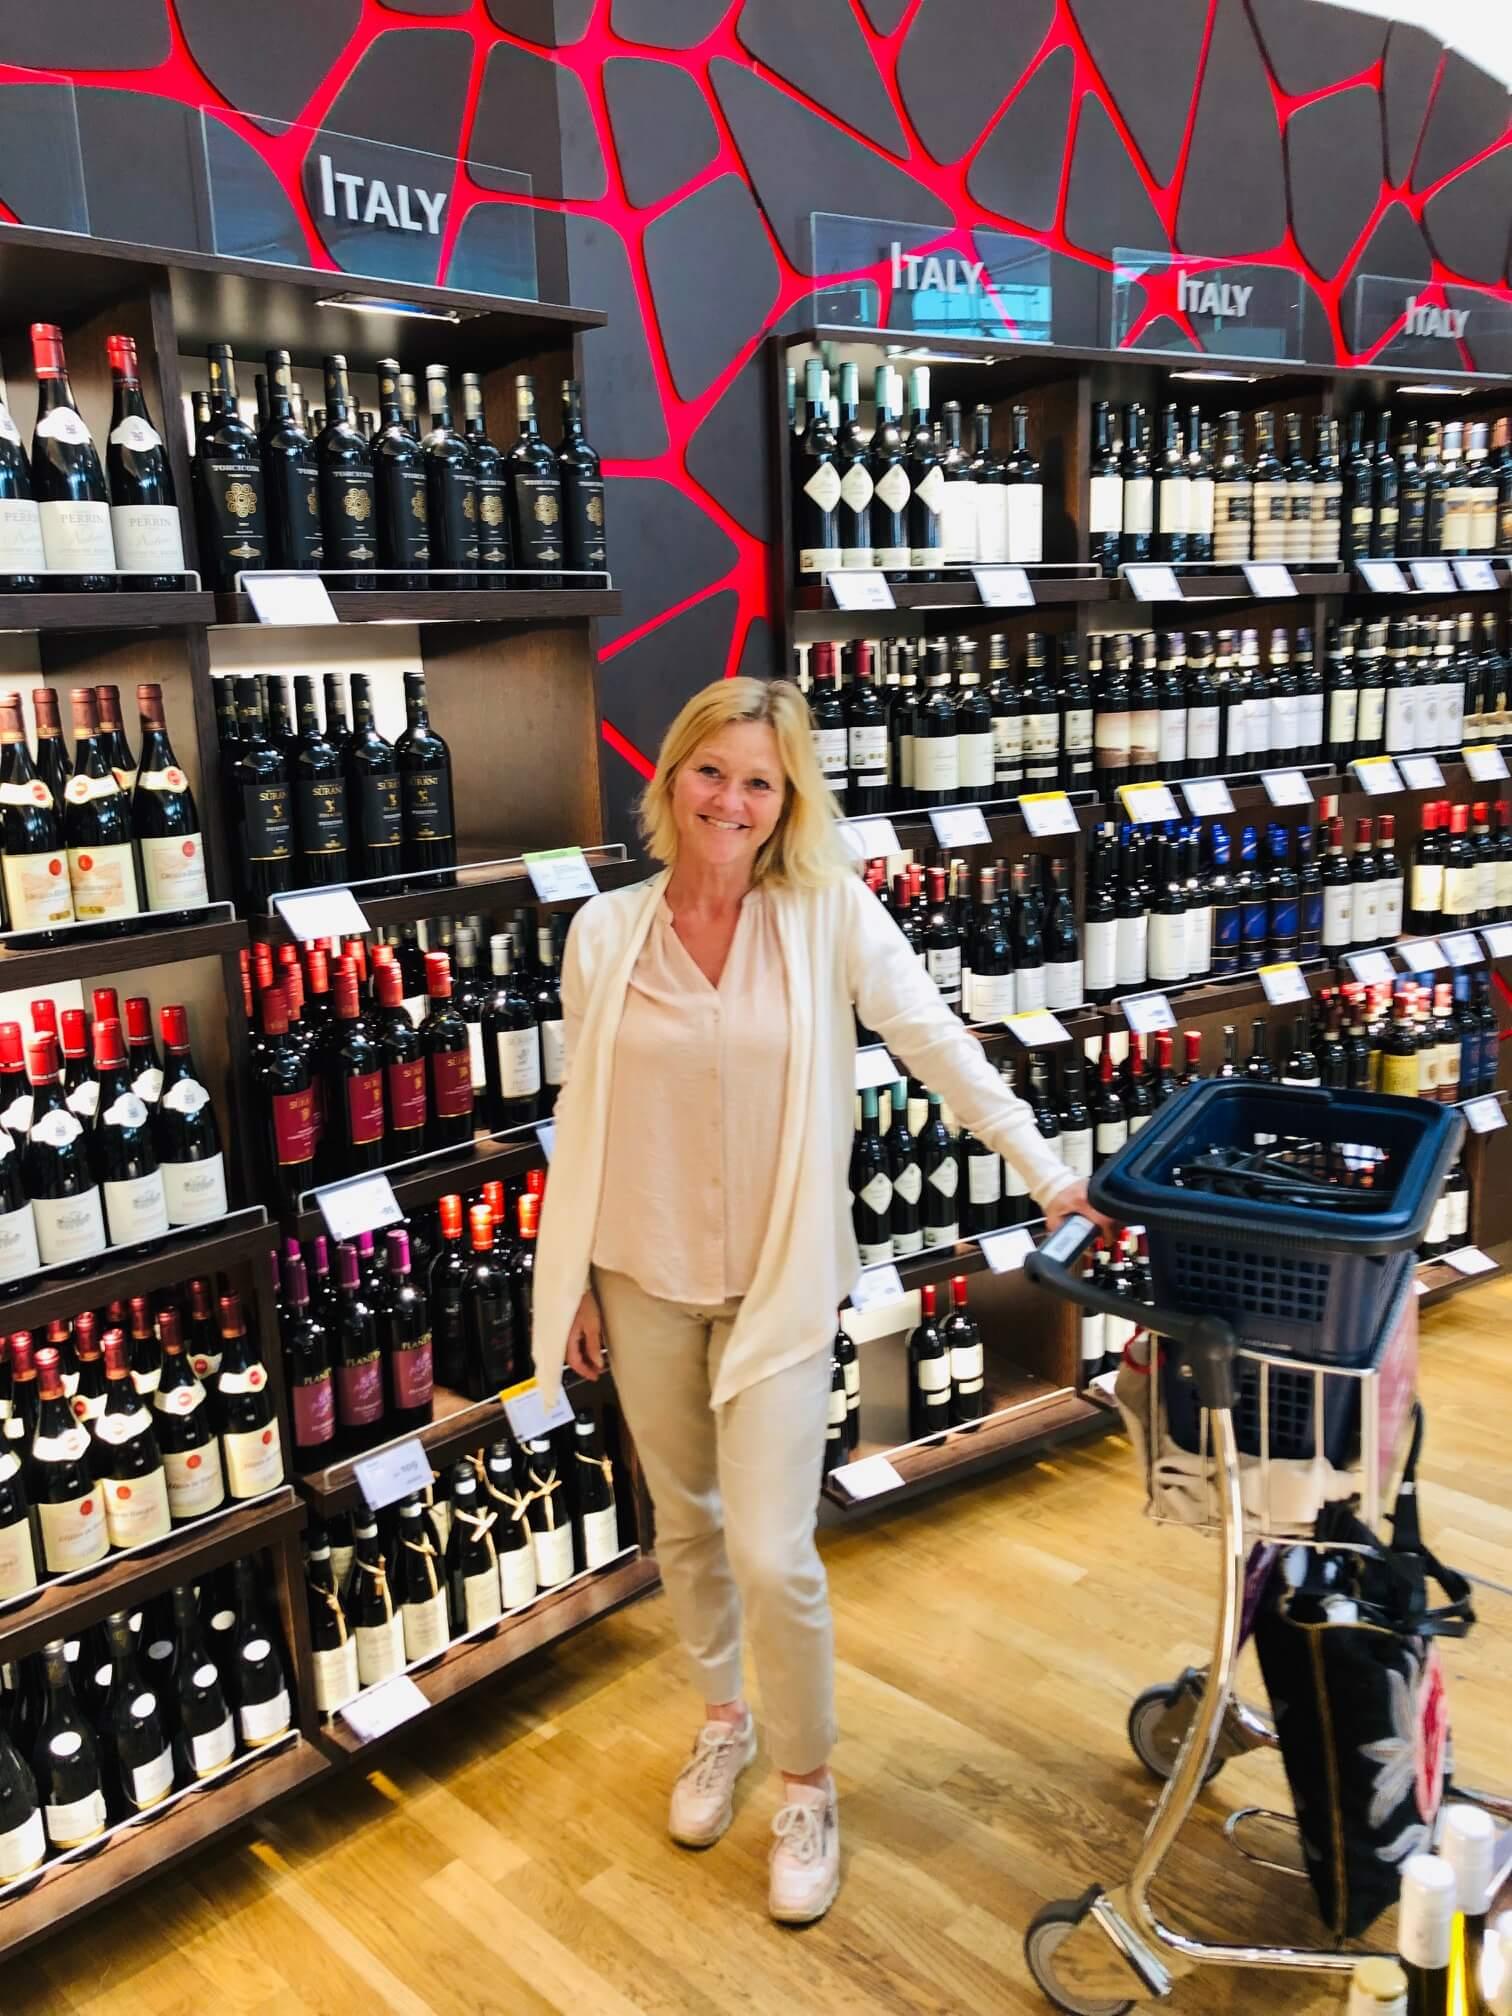 Sommerens tax-free kupp på vin